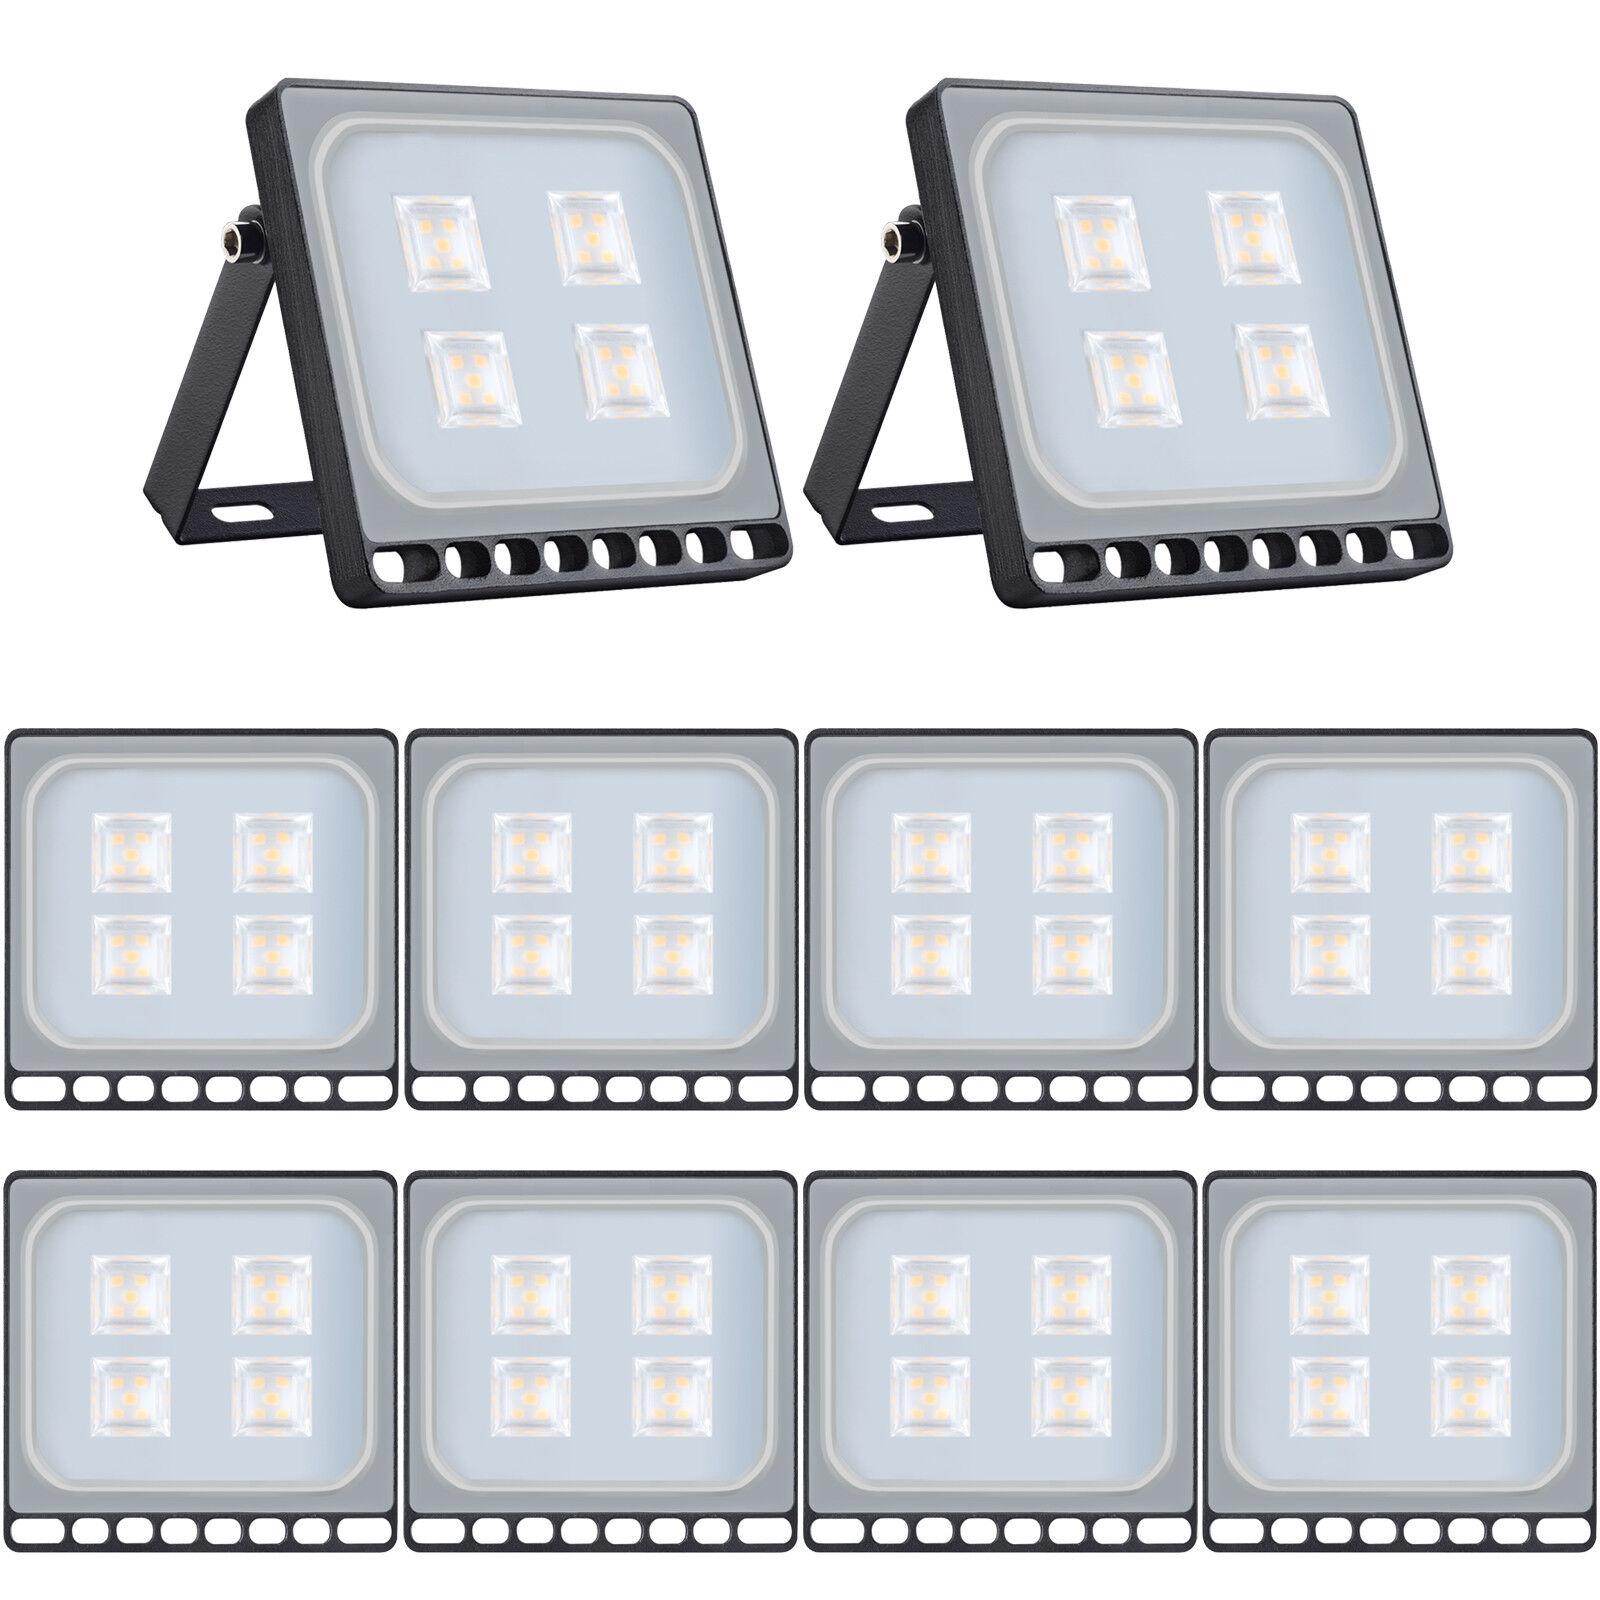 10x 20w LED eh reflector colocado exterior emisor de luz exterior ip65